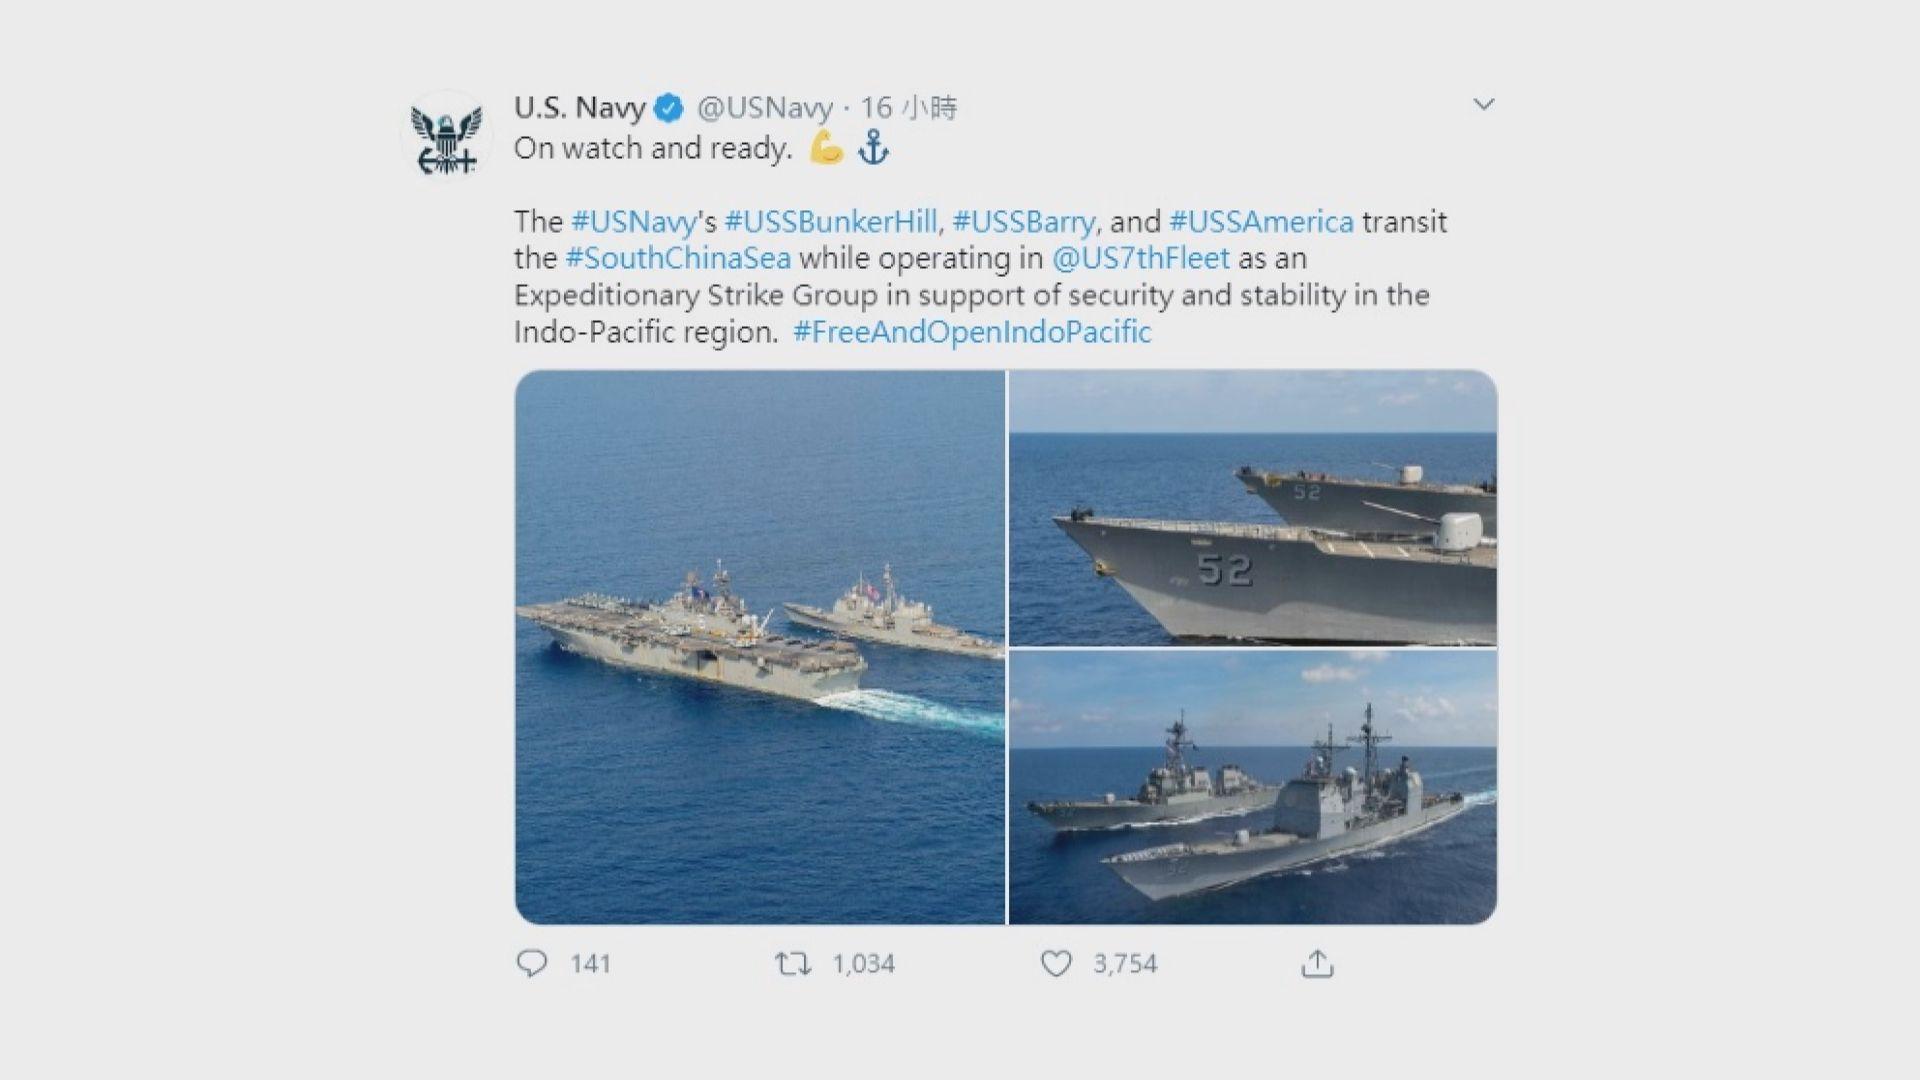 澳洲派巡防艦參與美軍演習 遼寧艦編隊包圍美利堅號